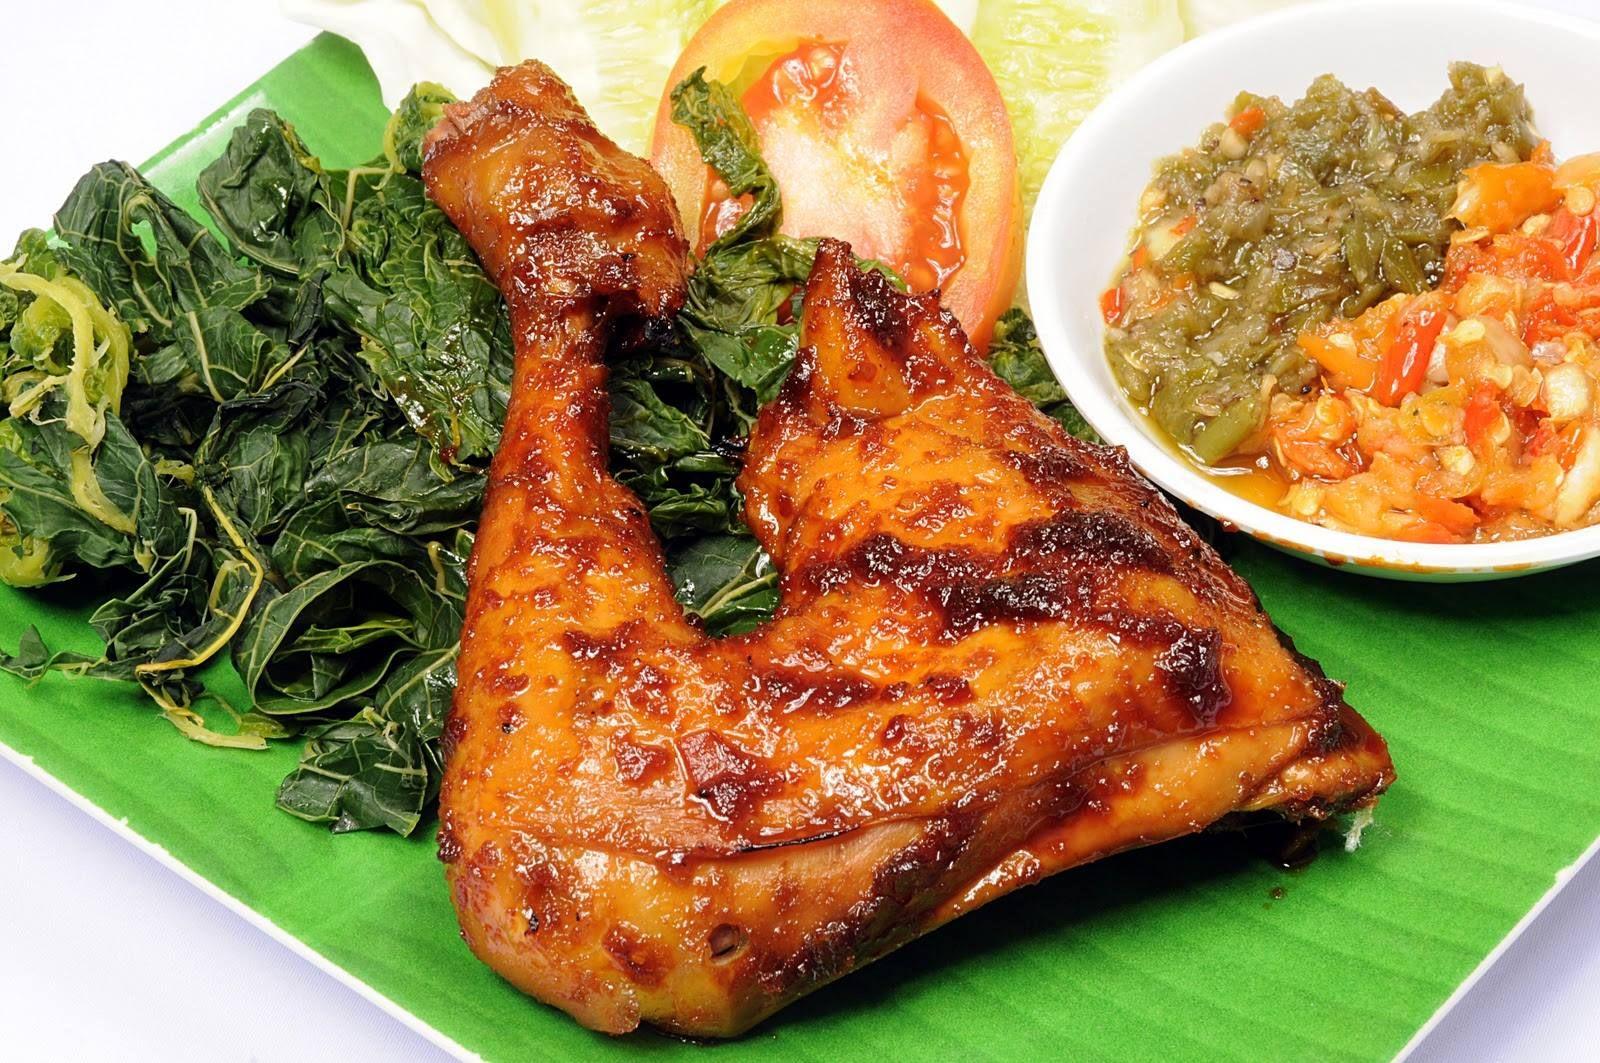 Resep Ayam Bakar Lalapan Plus Sambal Tomat Rahasia Id Resep Ayam Resep Masakan Resep